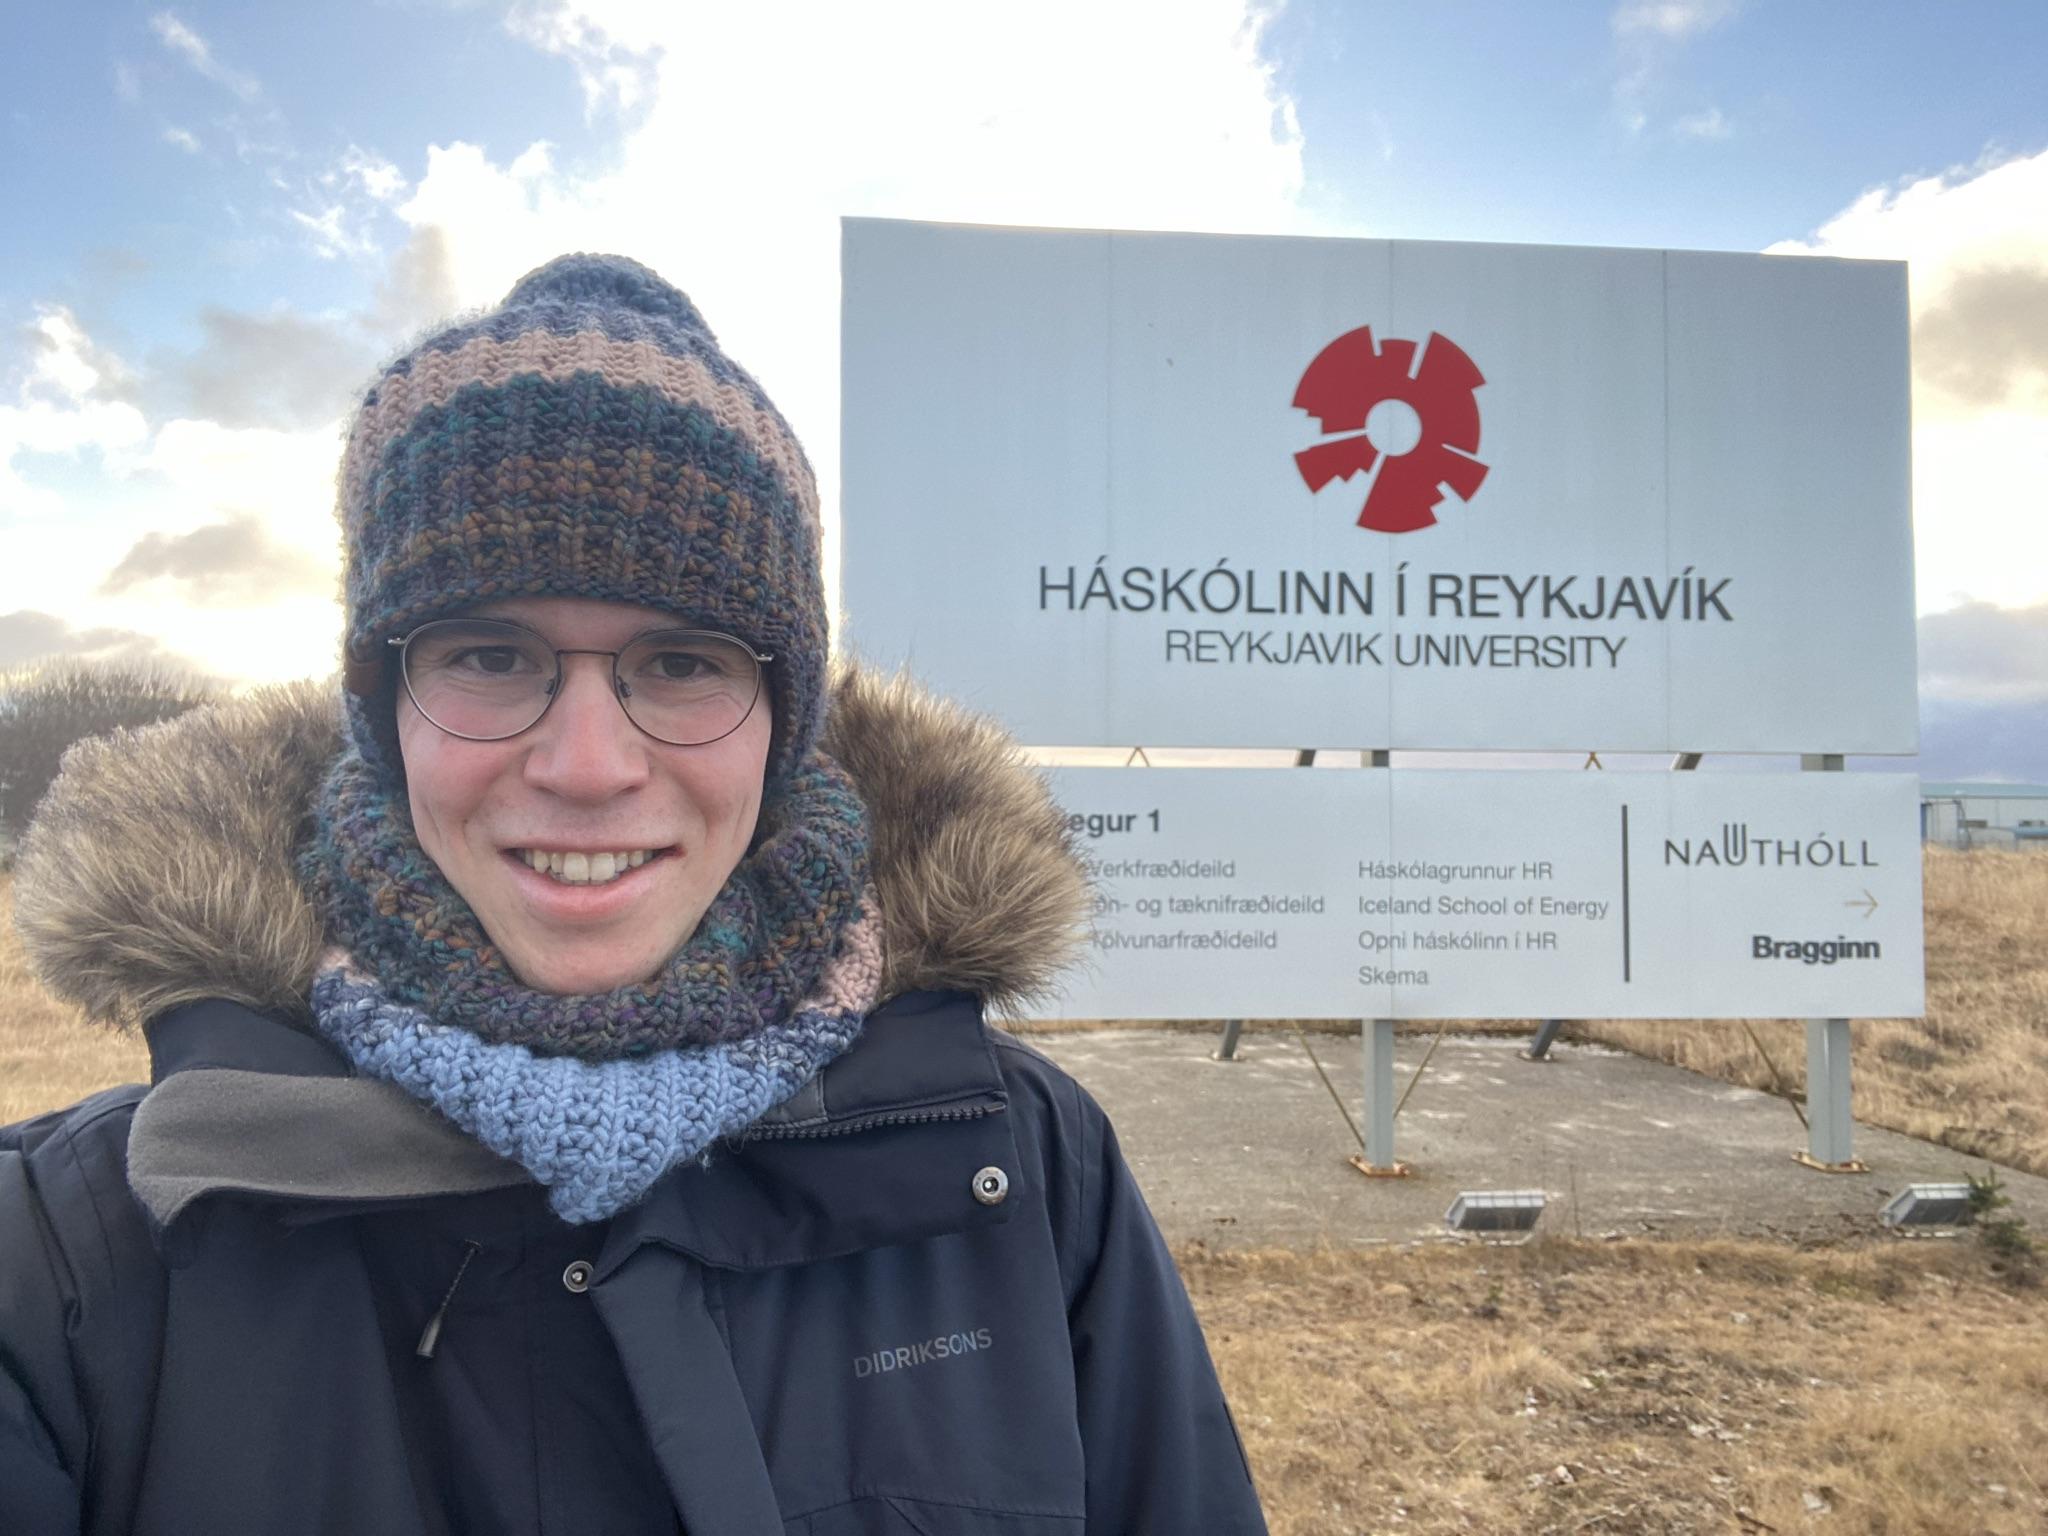 Ein (fast) ganz normaler Tag an der Reykjavik University